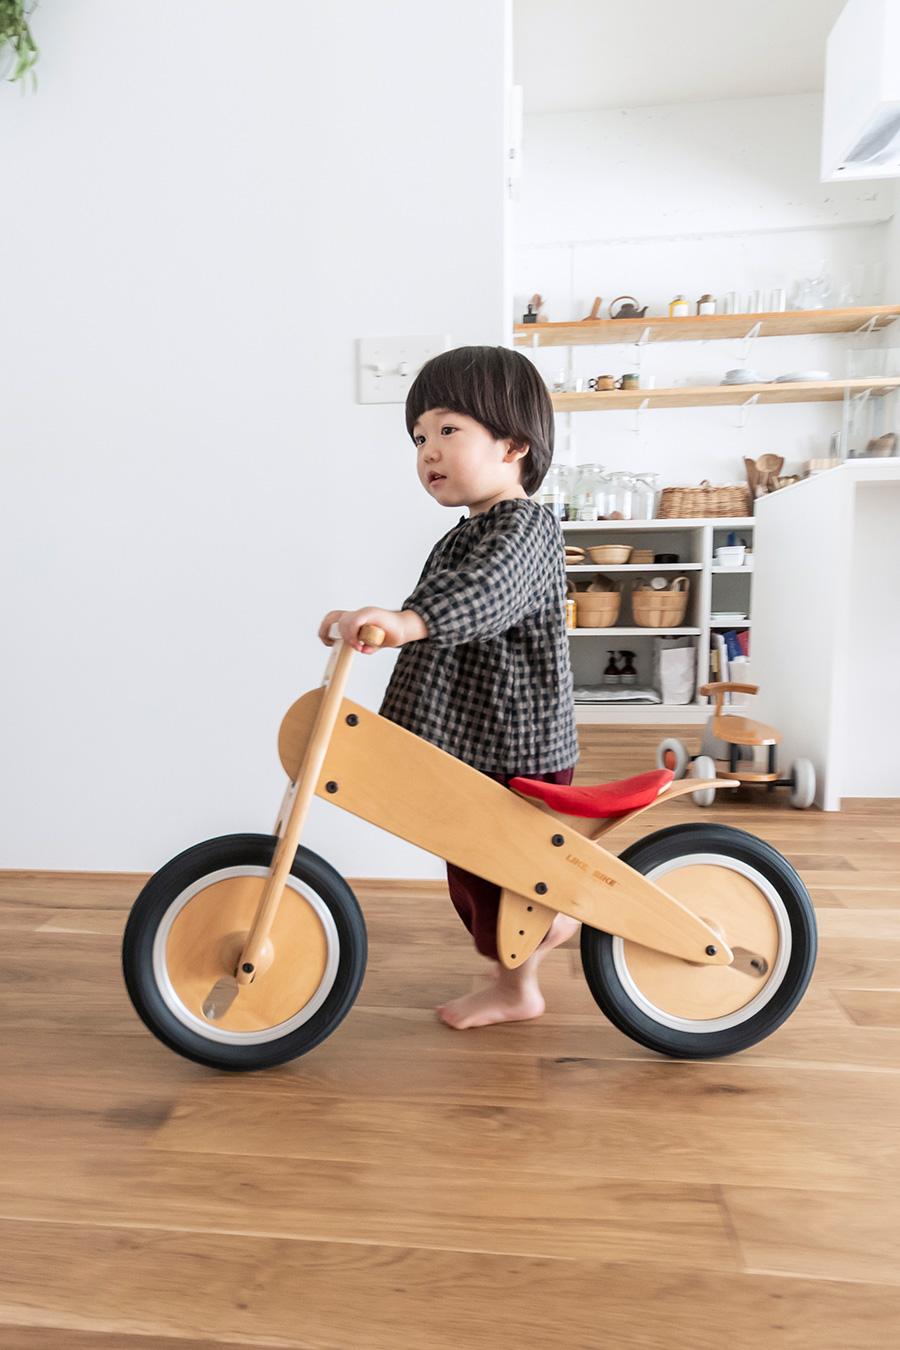 ペダルのない木製の自転車は「LIKE a BIKE」。